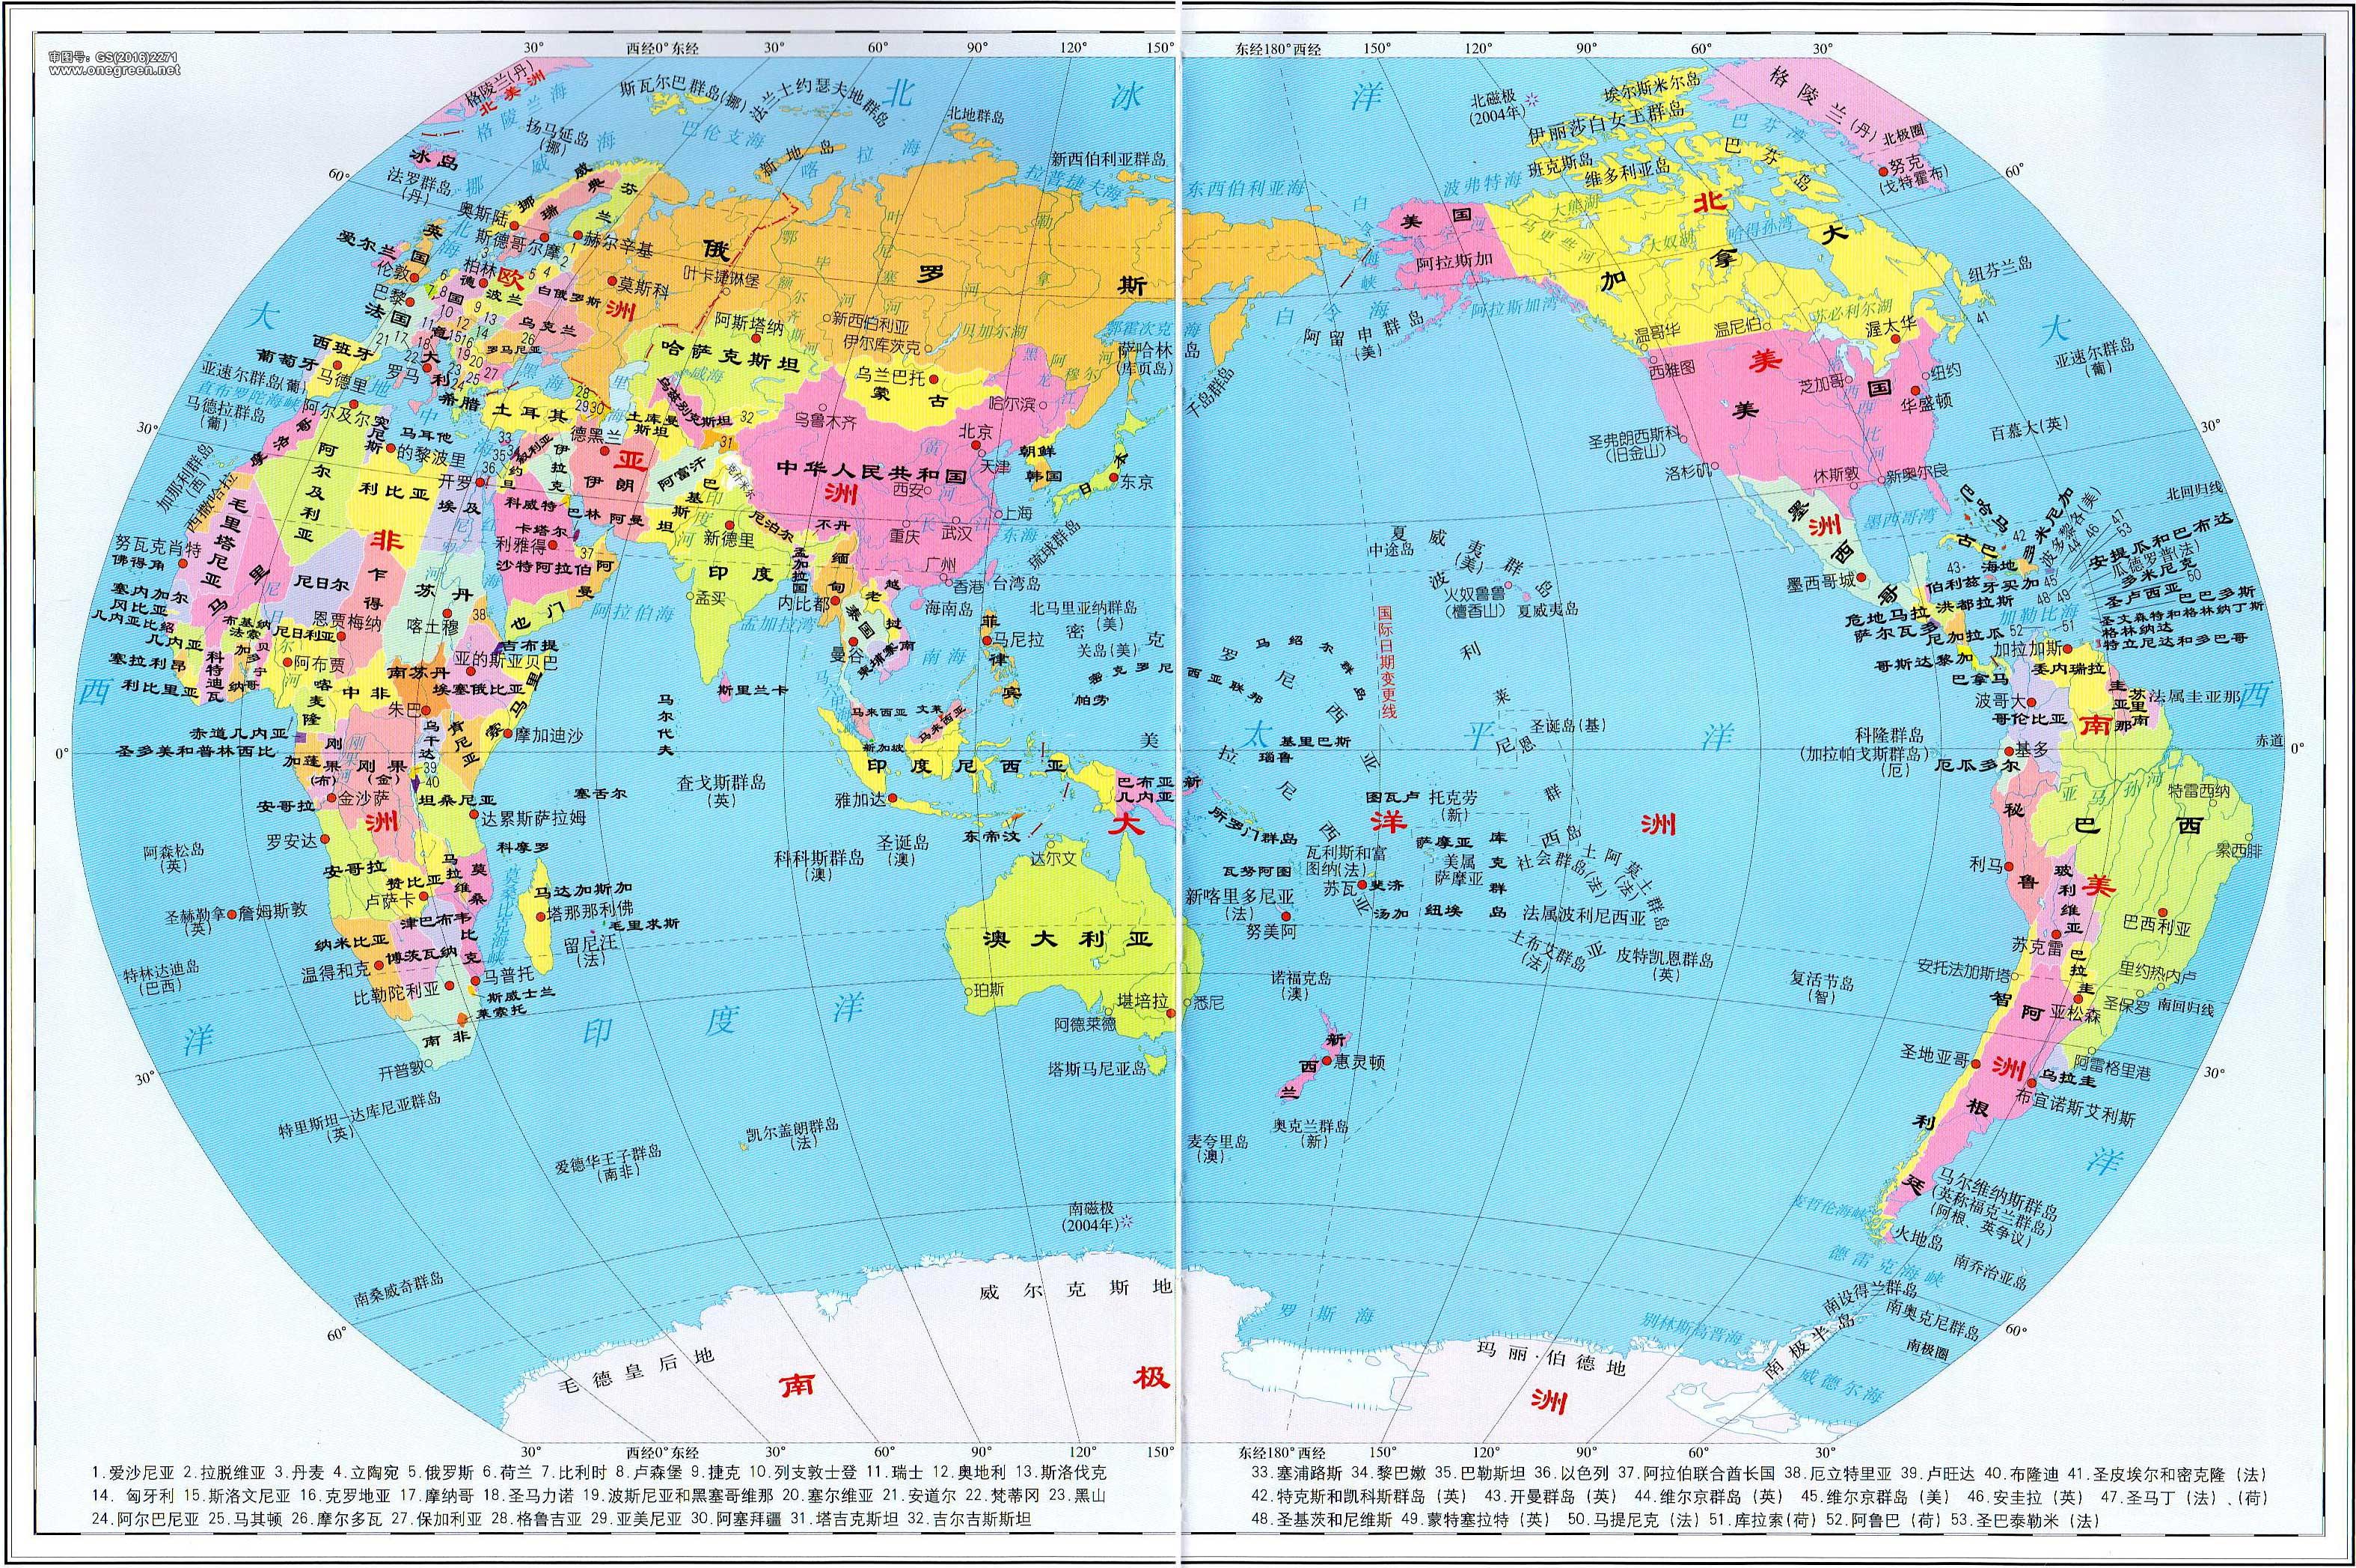 世界地图(政区版)